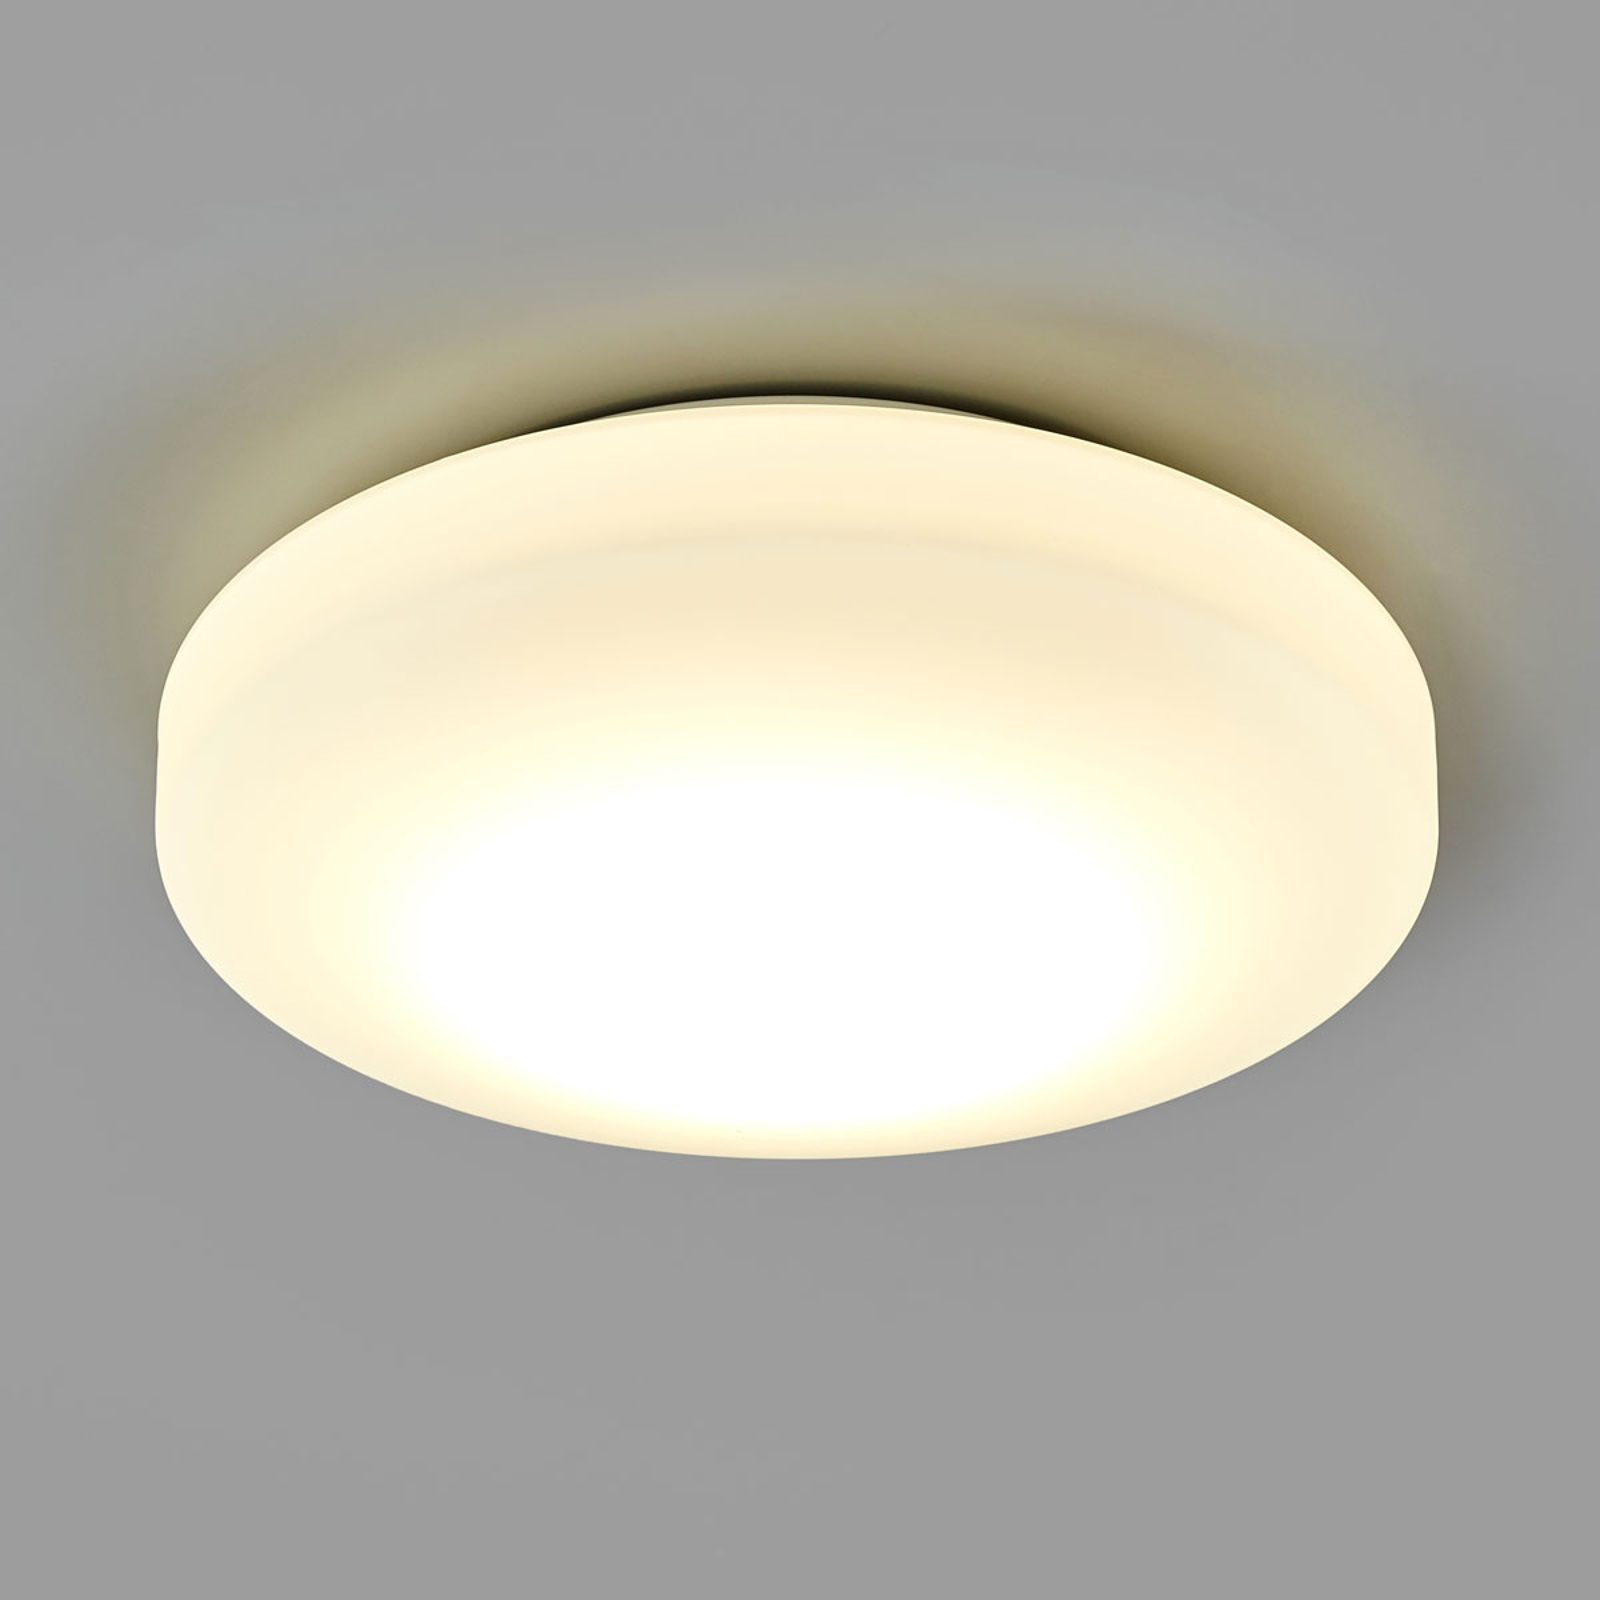 LED-loftlampe til badeværelset Malte af opalglas